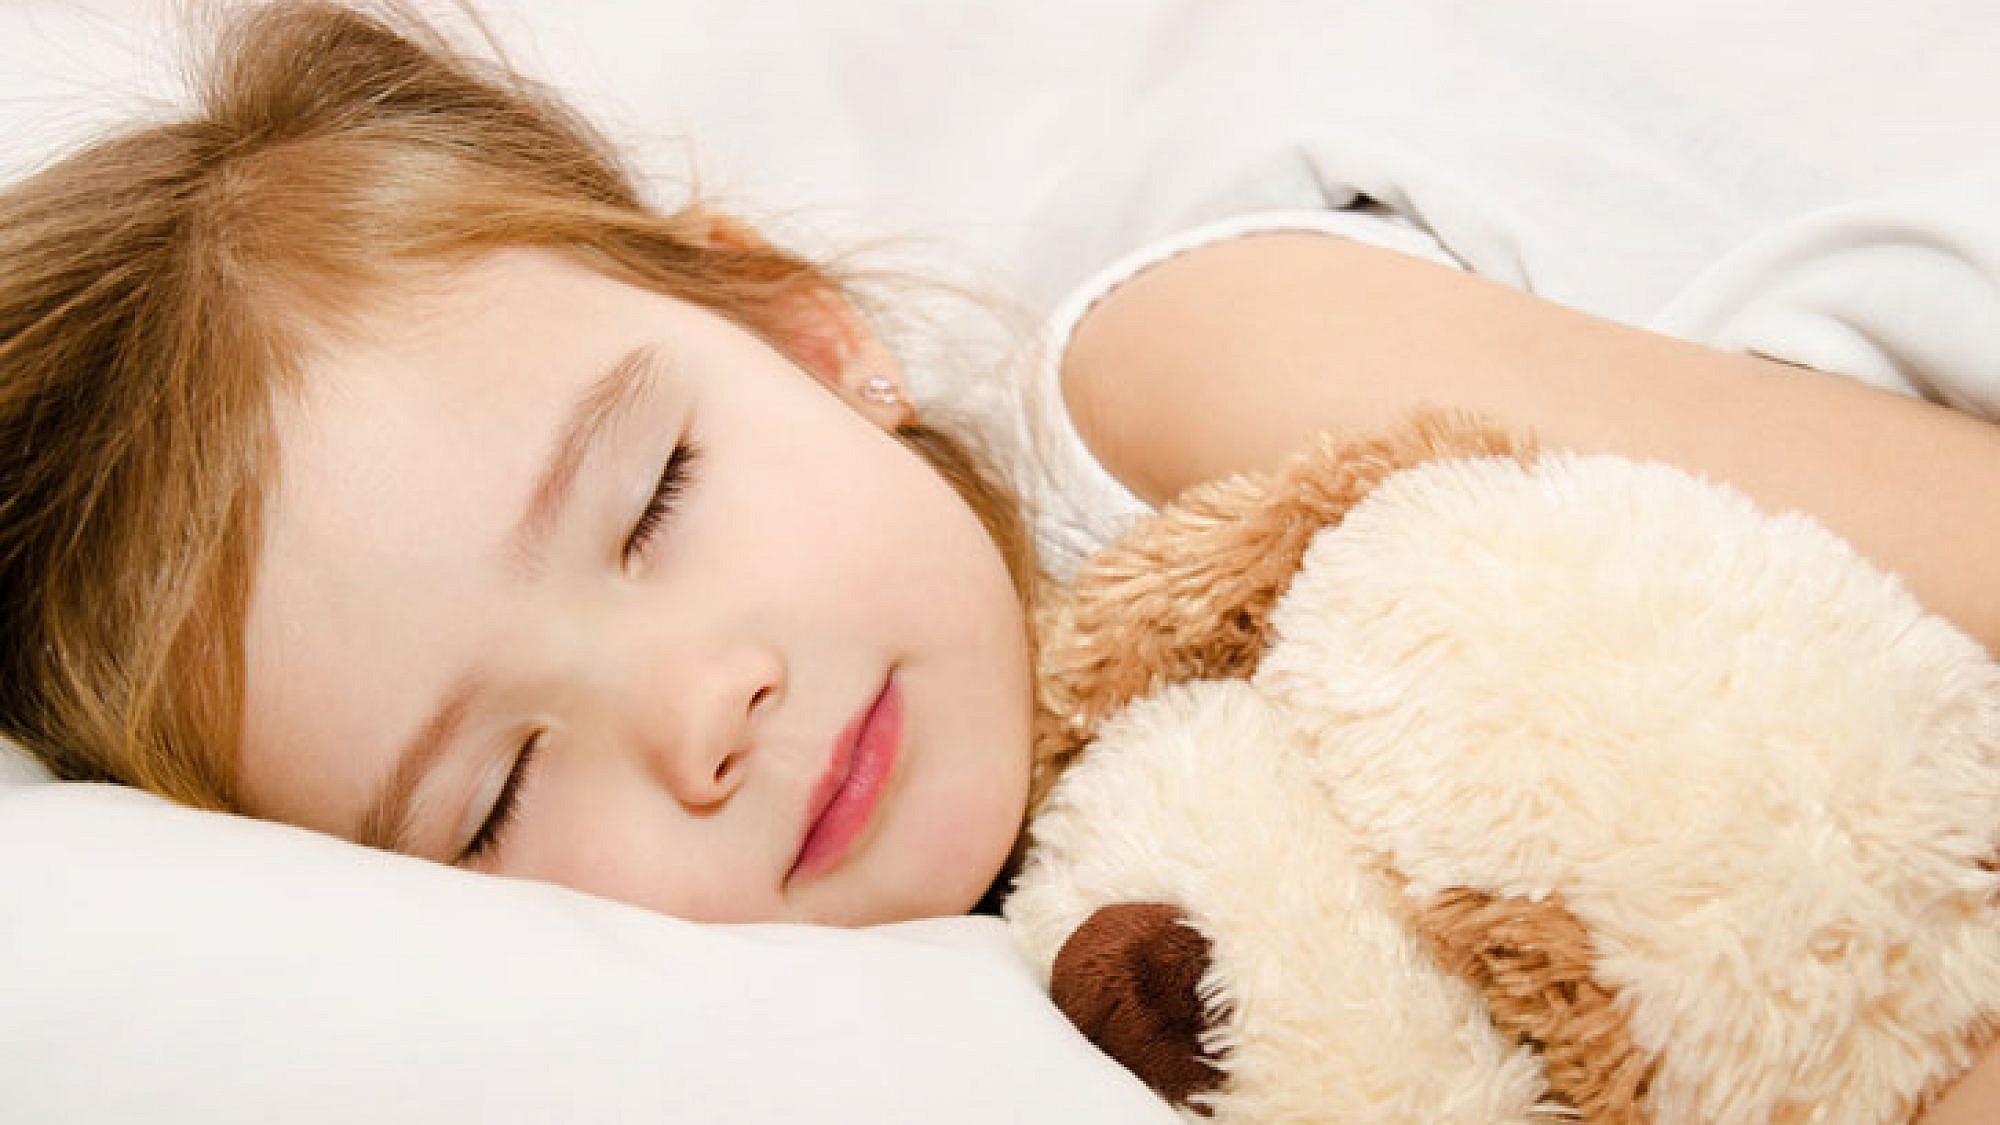 יש חיה במיטה שלי! איך מרגיעים פחדי שינה של ילדים? | צלם: Fotolia - svetamart